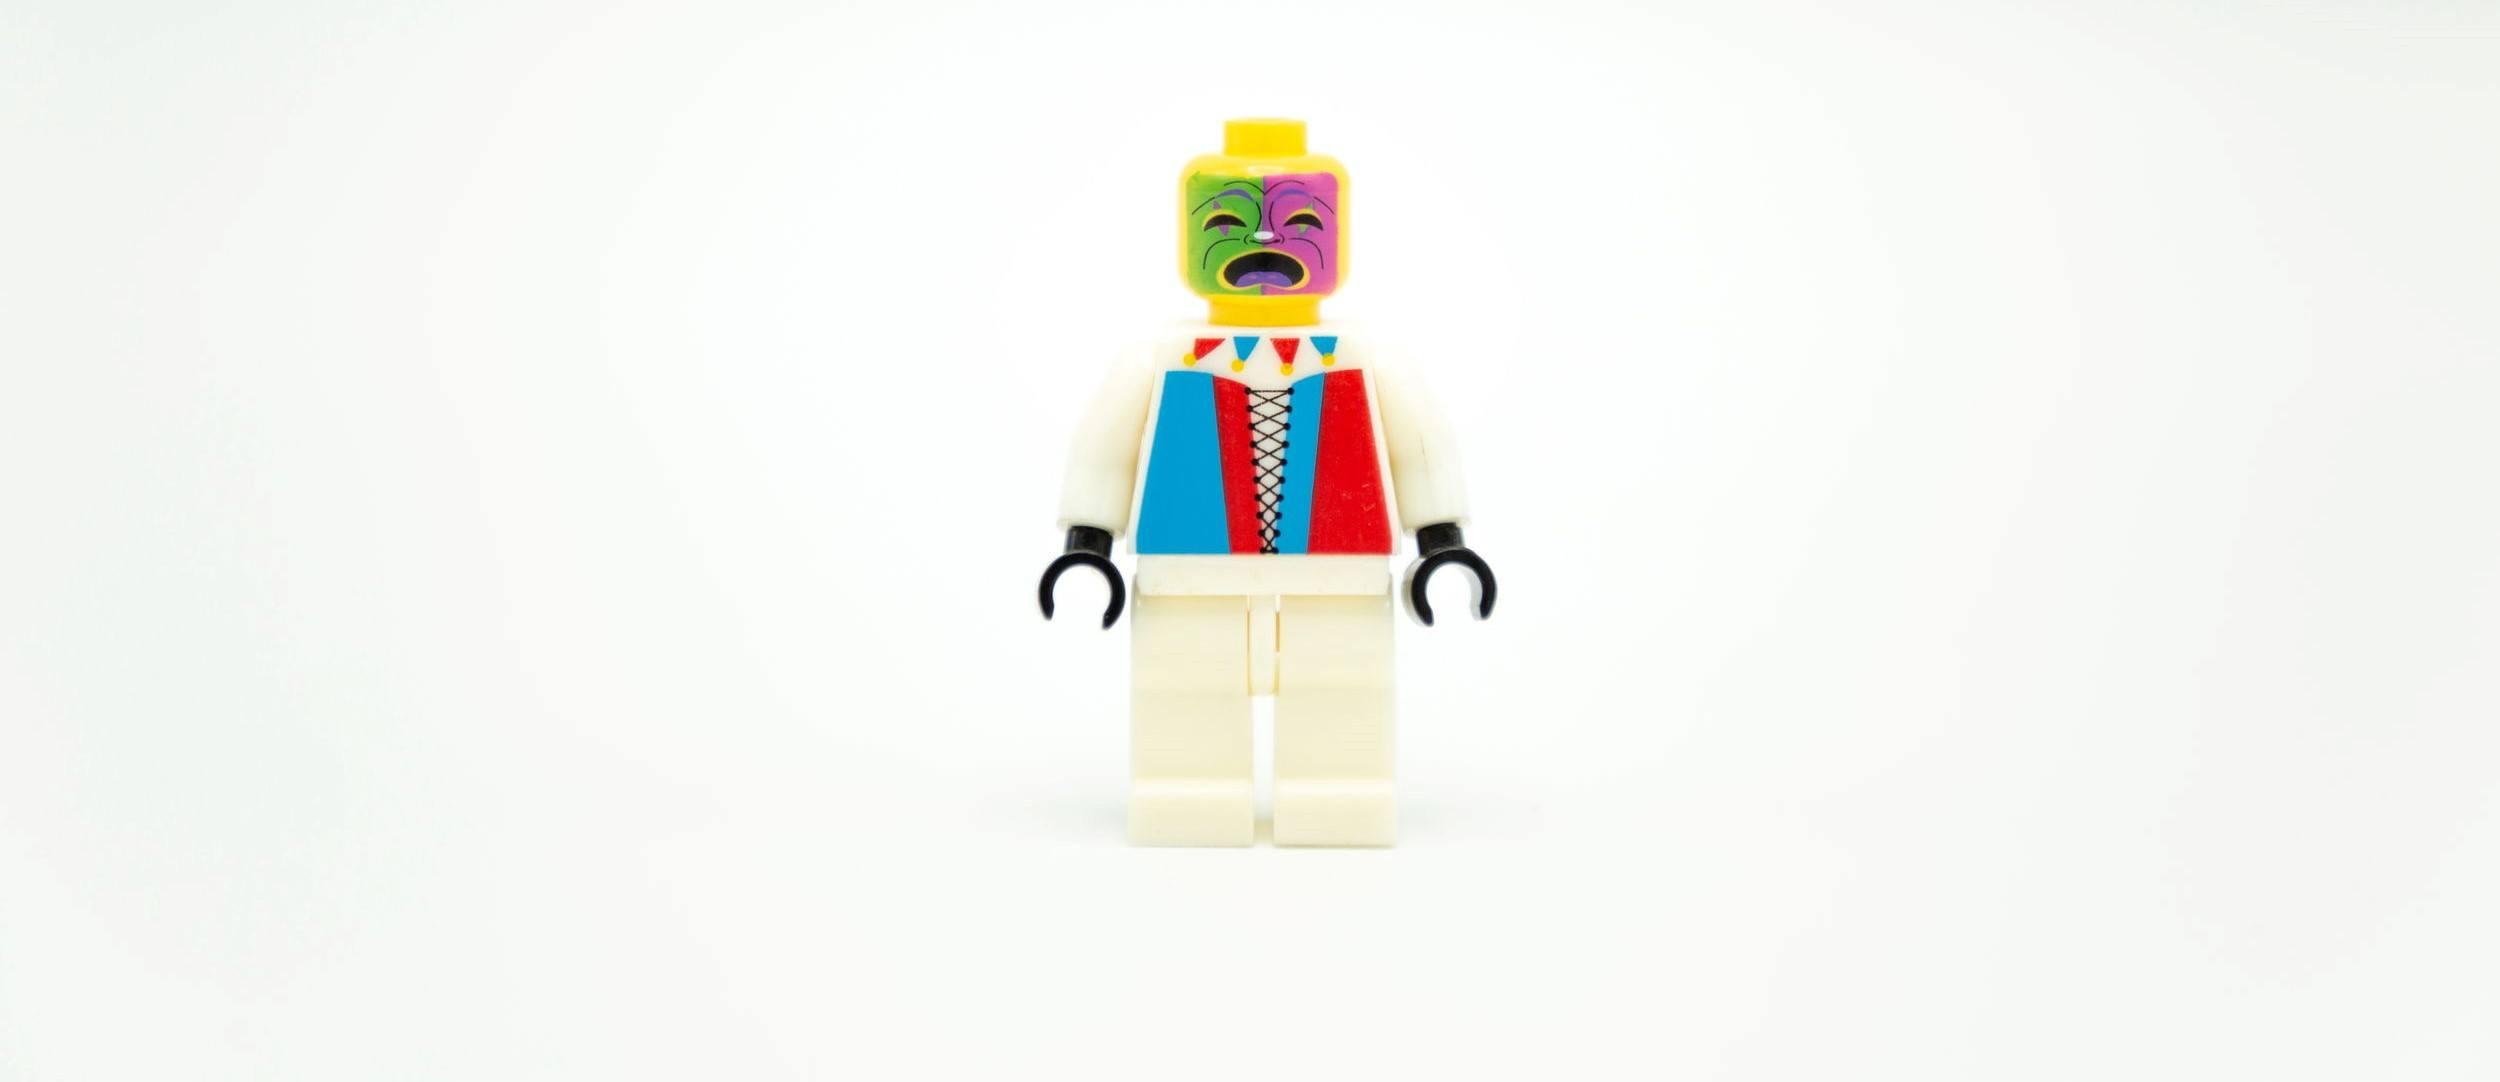 clown lego minifigures toy on white background .